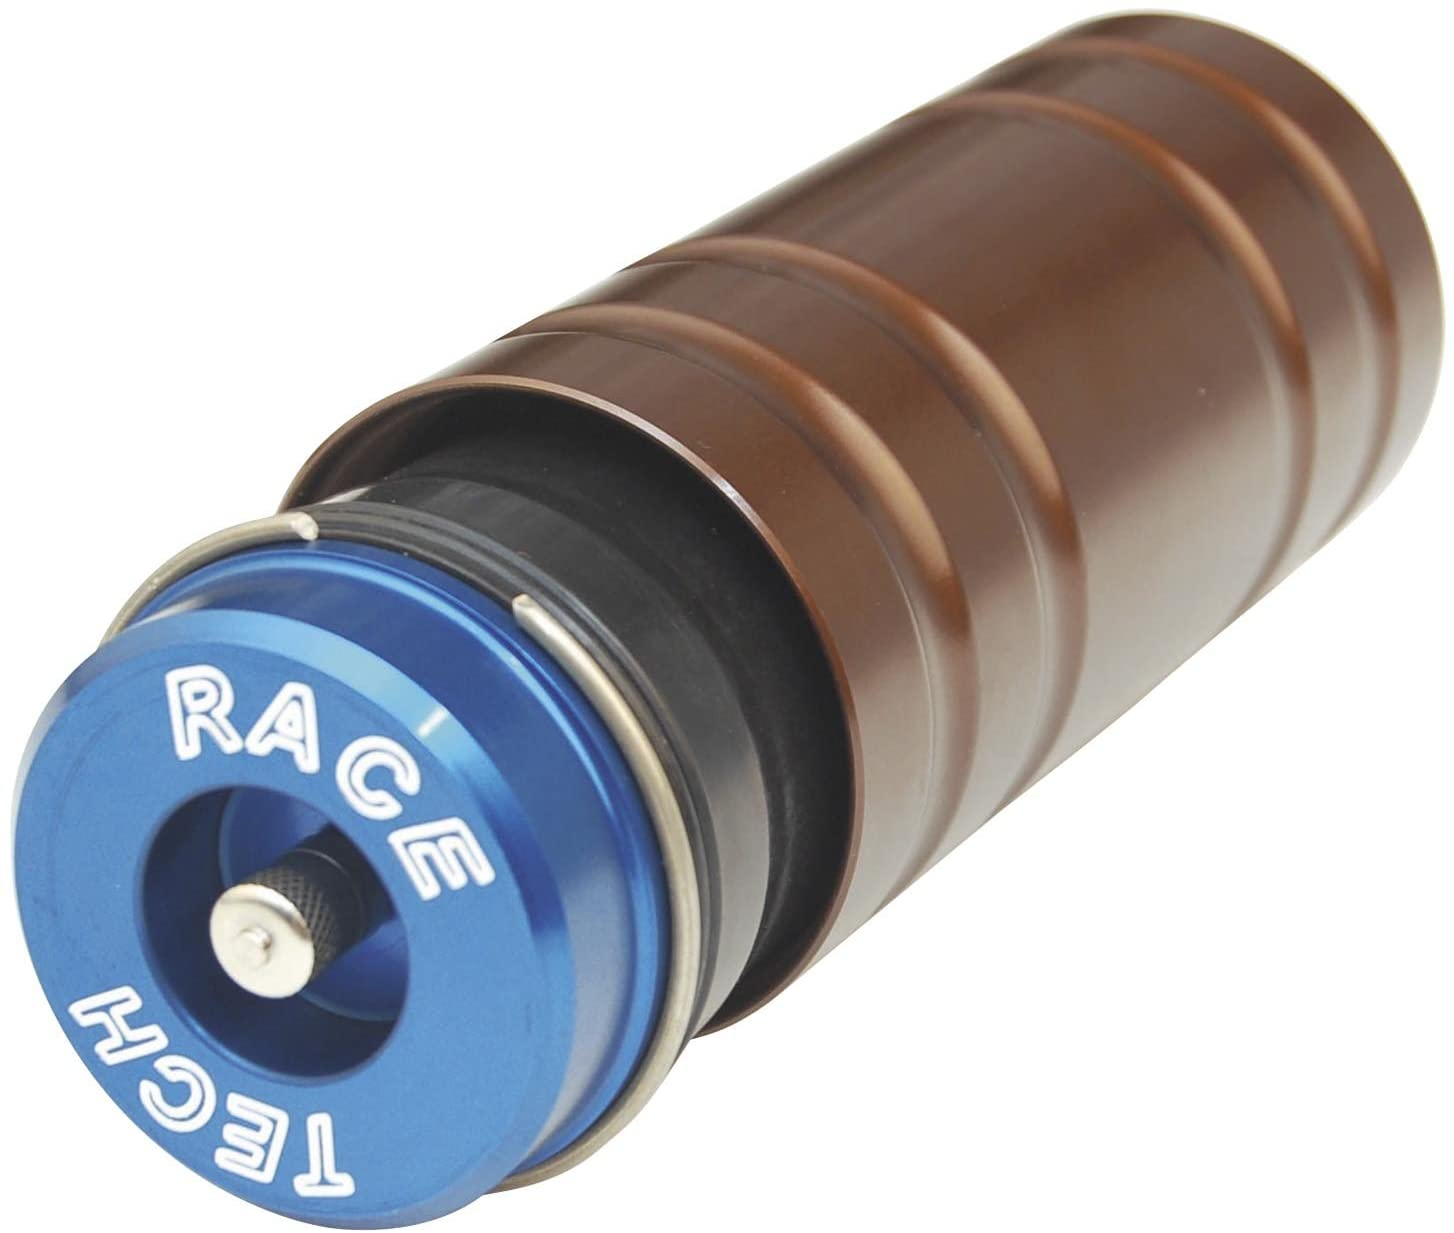 Race Tech SWBL 5206 Shock Reservoir/Bladder Conversion Kit